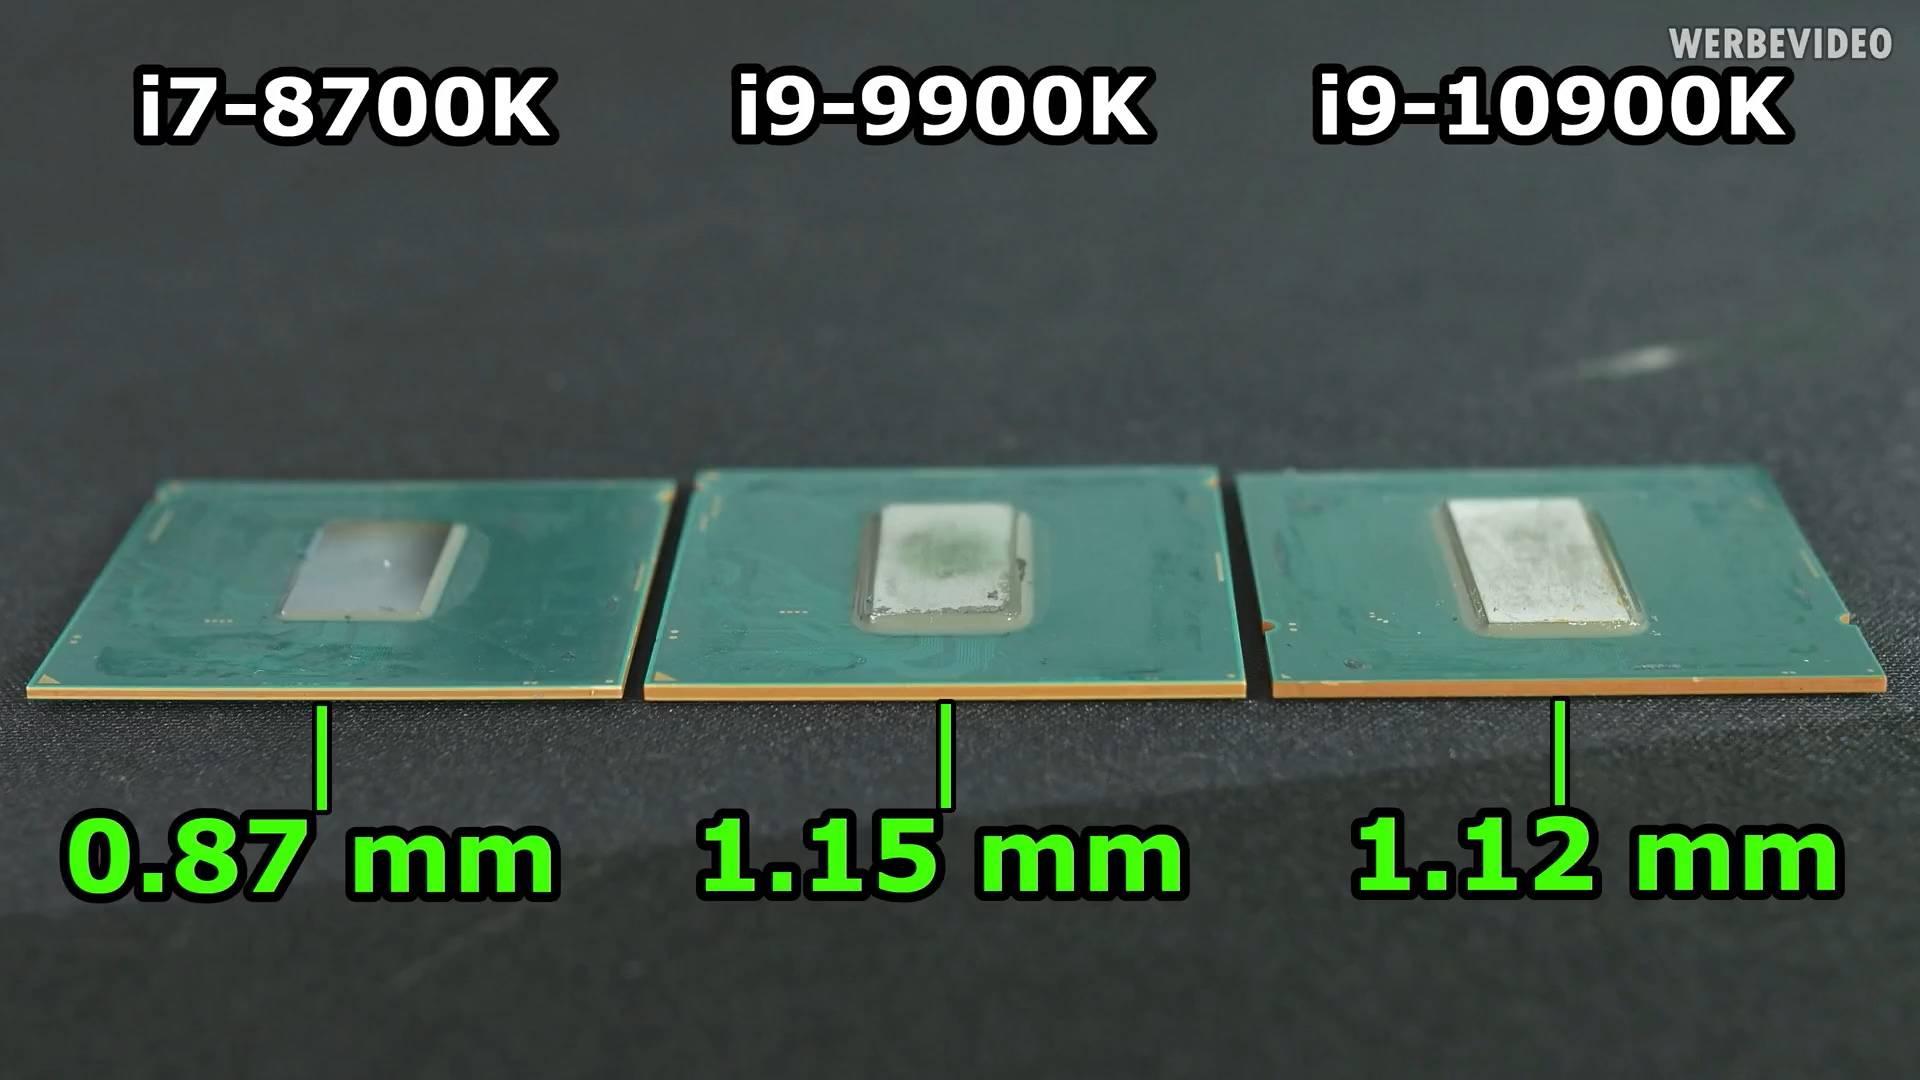 i9-10900k